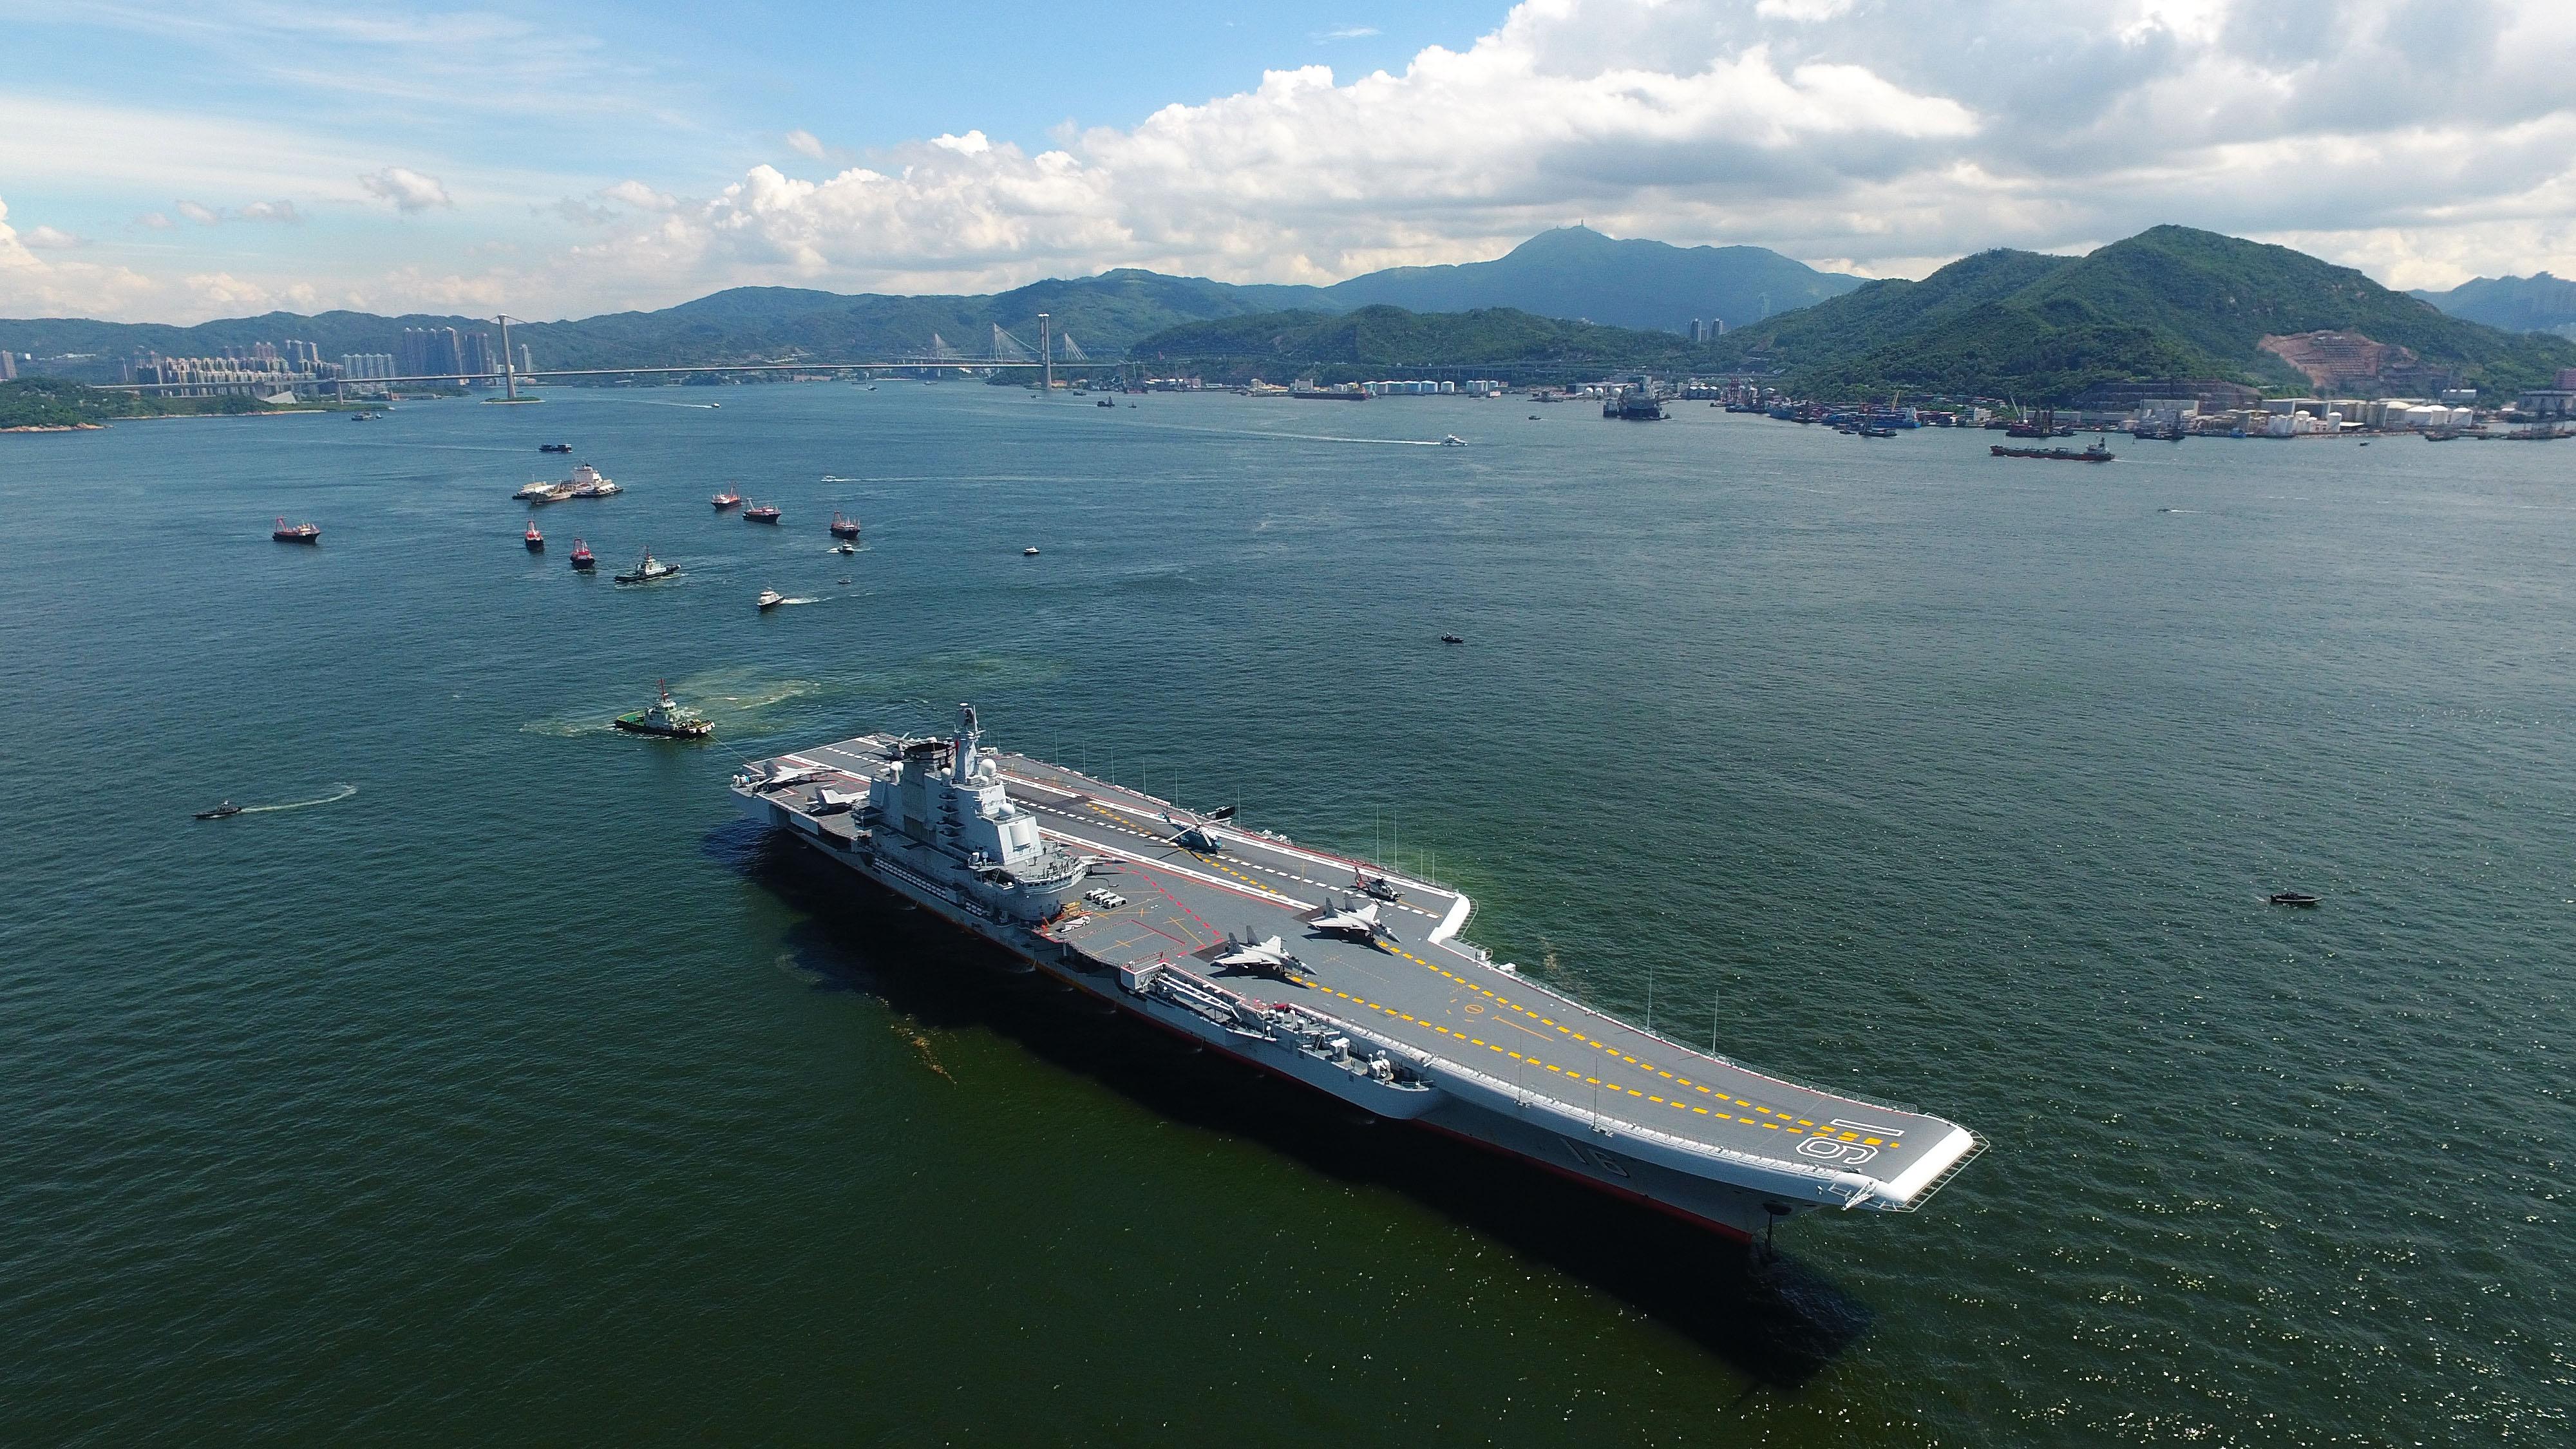 英媒深度分析:中国远洋海军舰队逐渐显现强劲实力